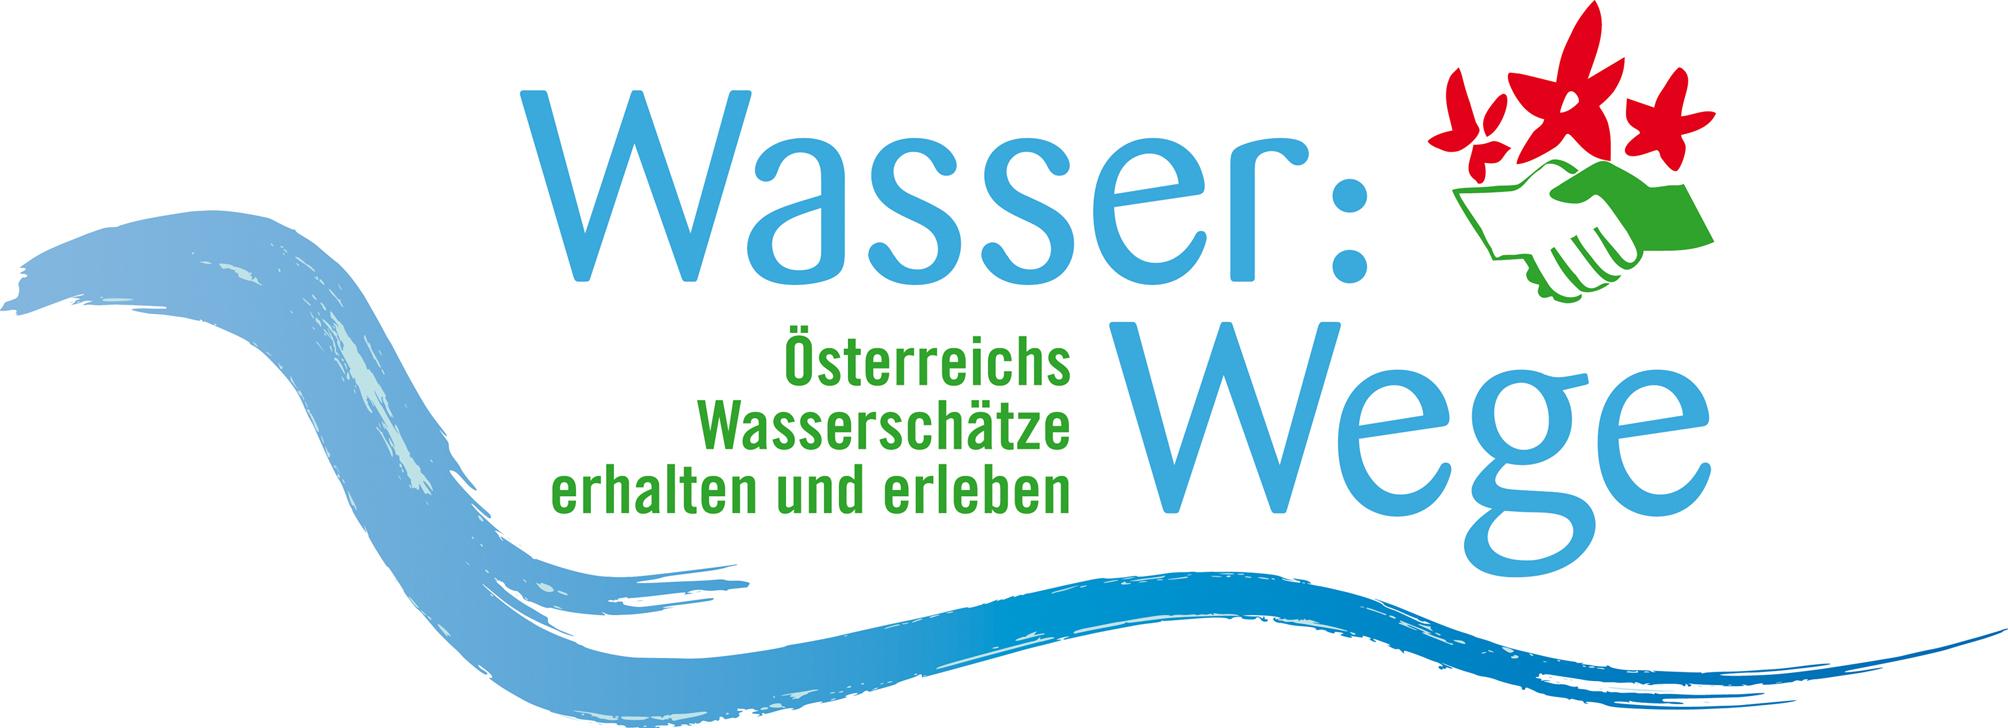 Wasser_Wege_Logo_FONTS_OK